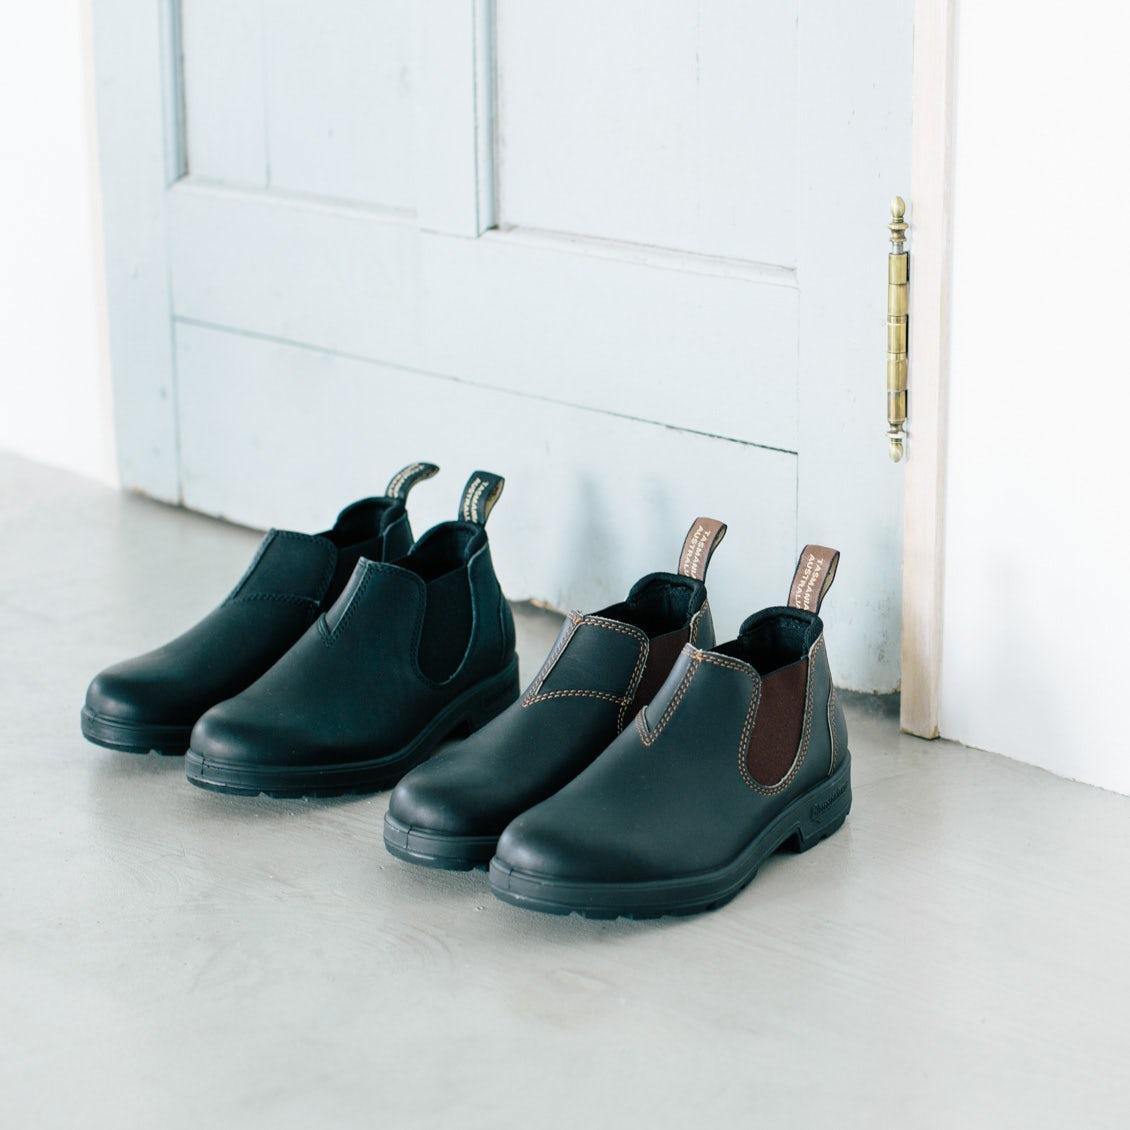 【新商品】まるでスニーカーみたいな履き心地!雨の日も履けるレザーブーツが登場です。